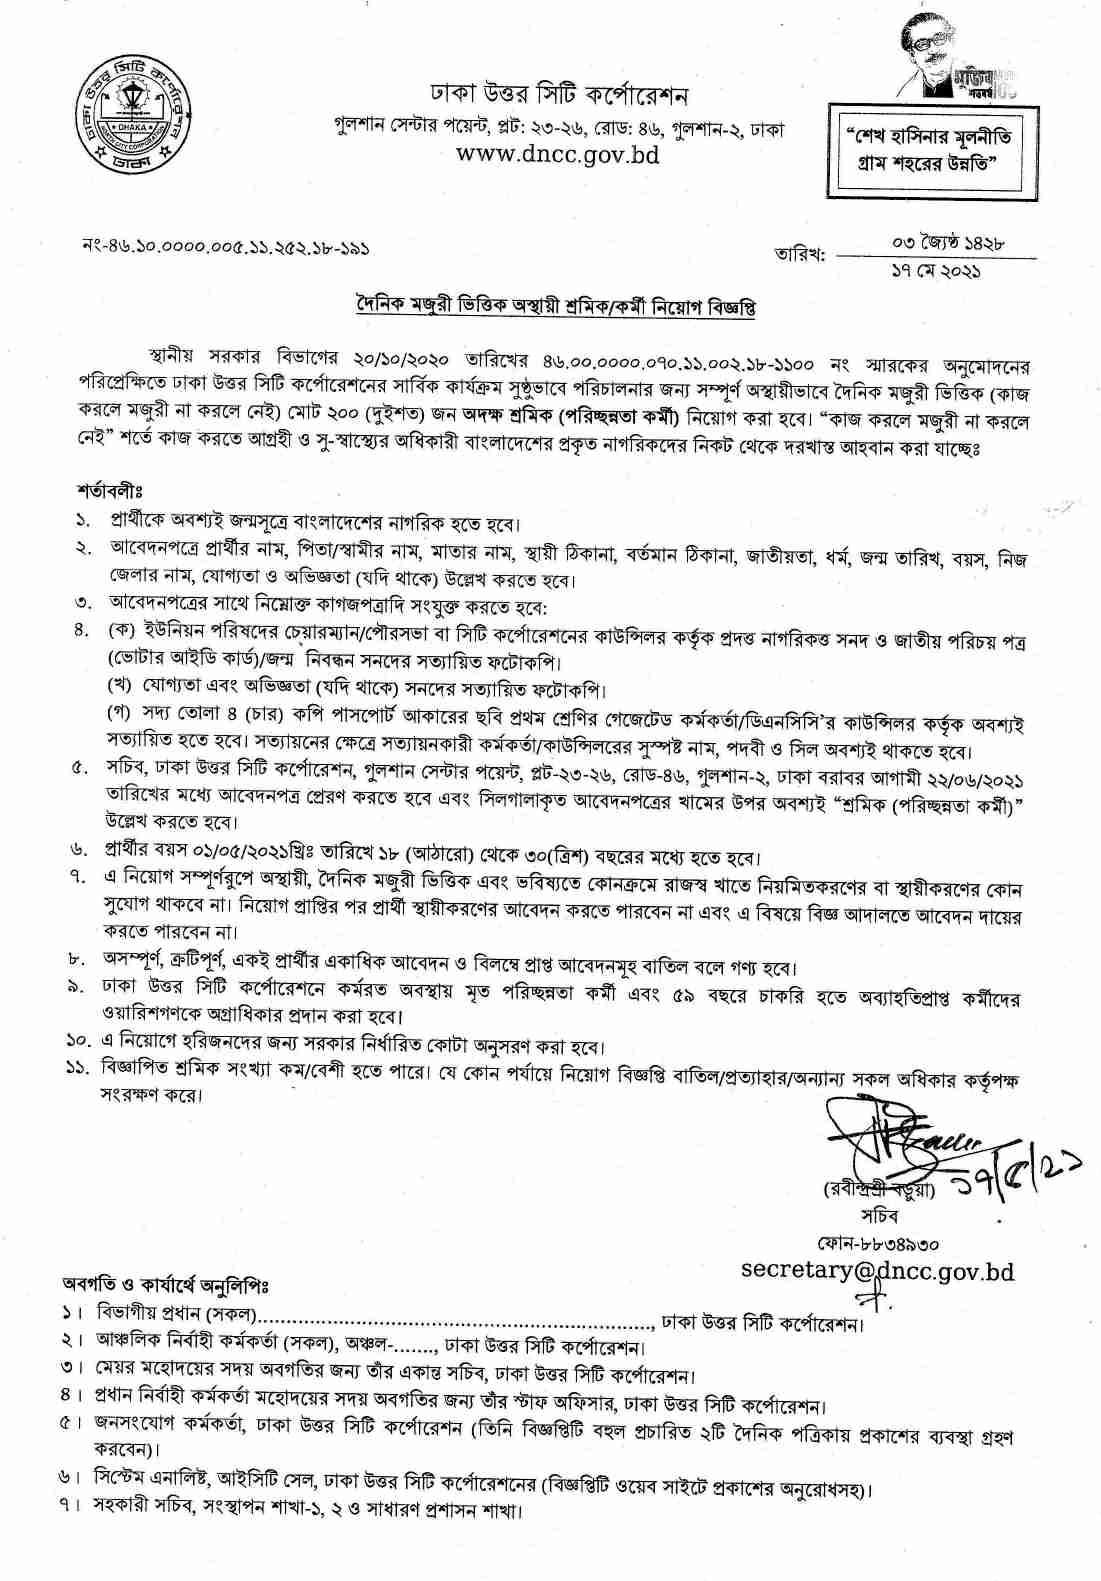 ঢাকা উত্তর সিটি কর্পোরেশন নিয়োগ বিজ্ঞপ্তি ২০২১, DNCC Job Circular, Dhaka North City Corporation DNCC Job Circular 2021, ঢাকা উত্তর সিটি কর্পোরেশন নিয়োগ বিজ্ঞপ্তি, Dhaka North City Corporation Job Circular, www.dscc.gov.bd job circular 2021, Uttar City Corporation Job Circular 2021, DNCC Job Circular 2021 PDF, ঢাকা উত্তর সিটি কর্পোরেশন জব সার্কুলার, ঢাকা উত্তর সিটি কর্পোরেশন নিয়োগ 2021,